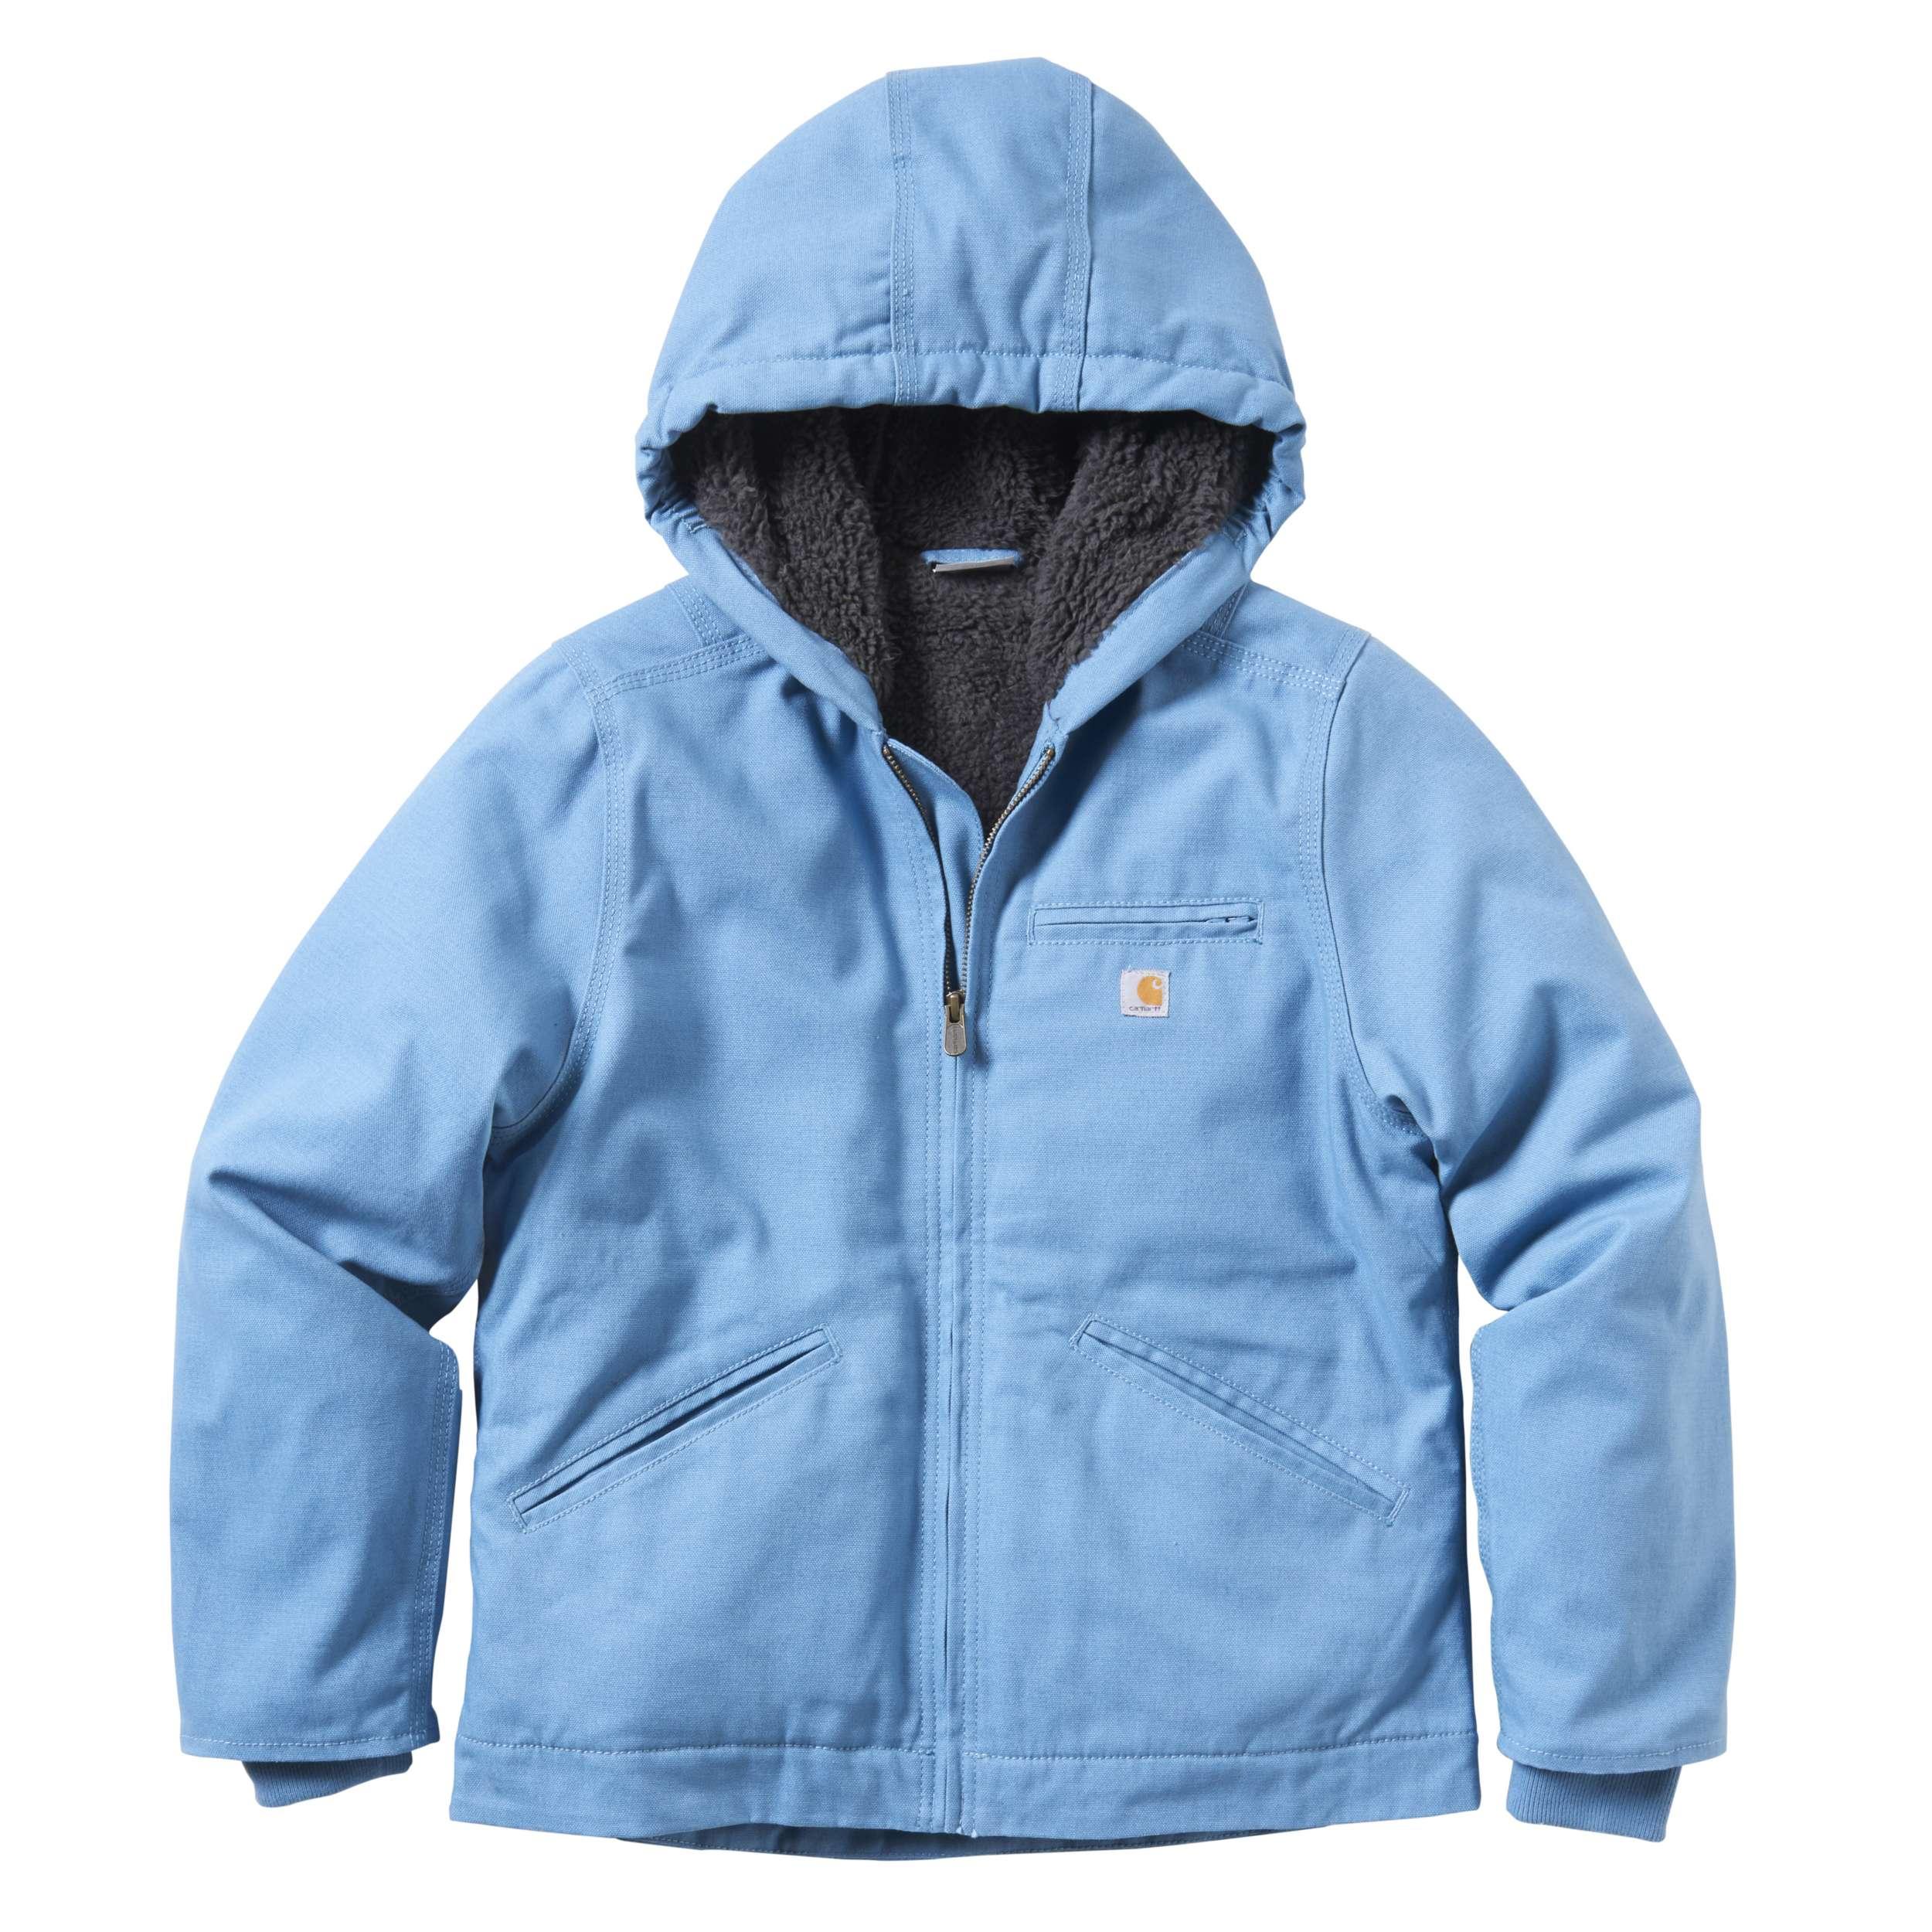 Carhartt Sierra Sherpa-Lined Jacket